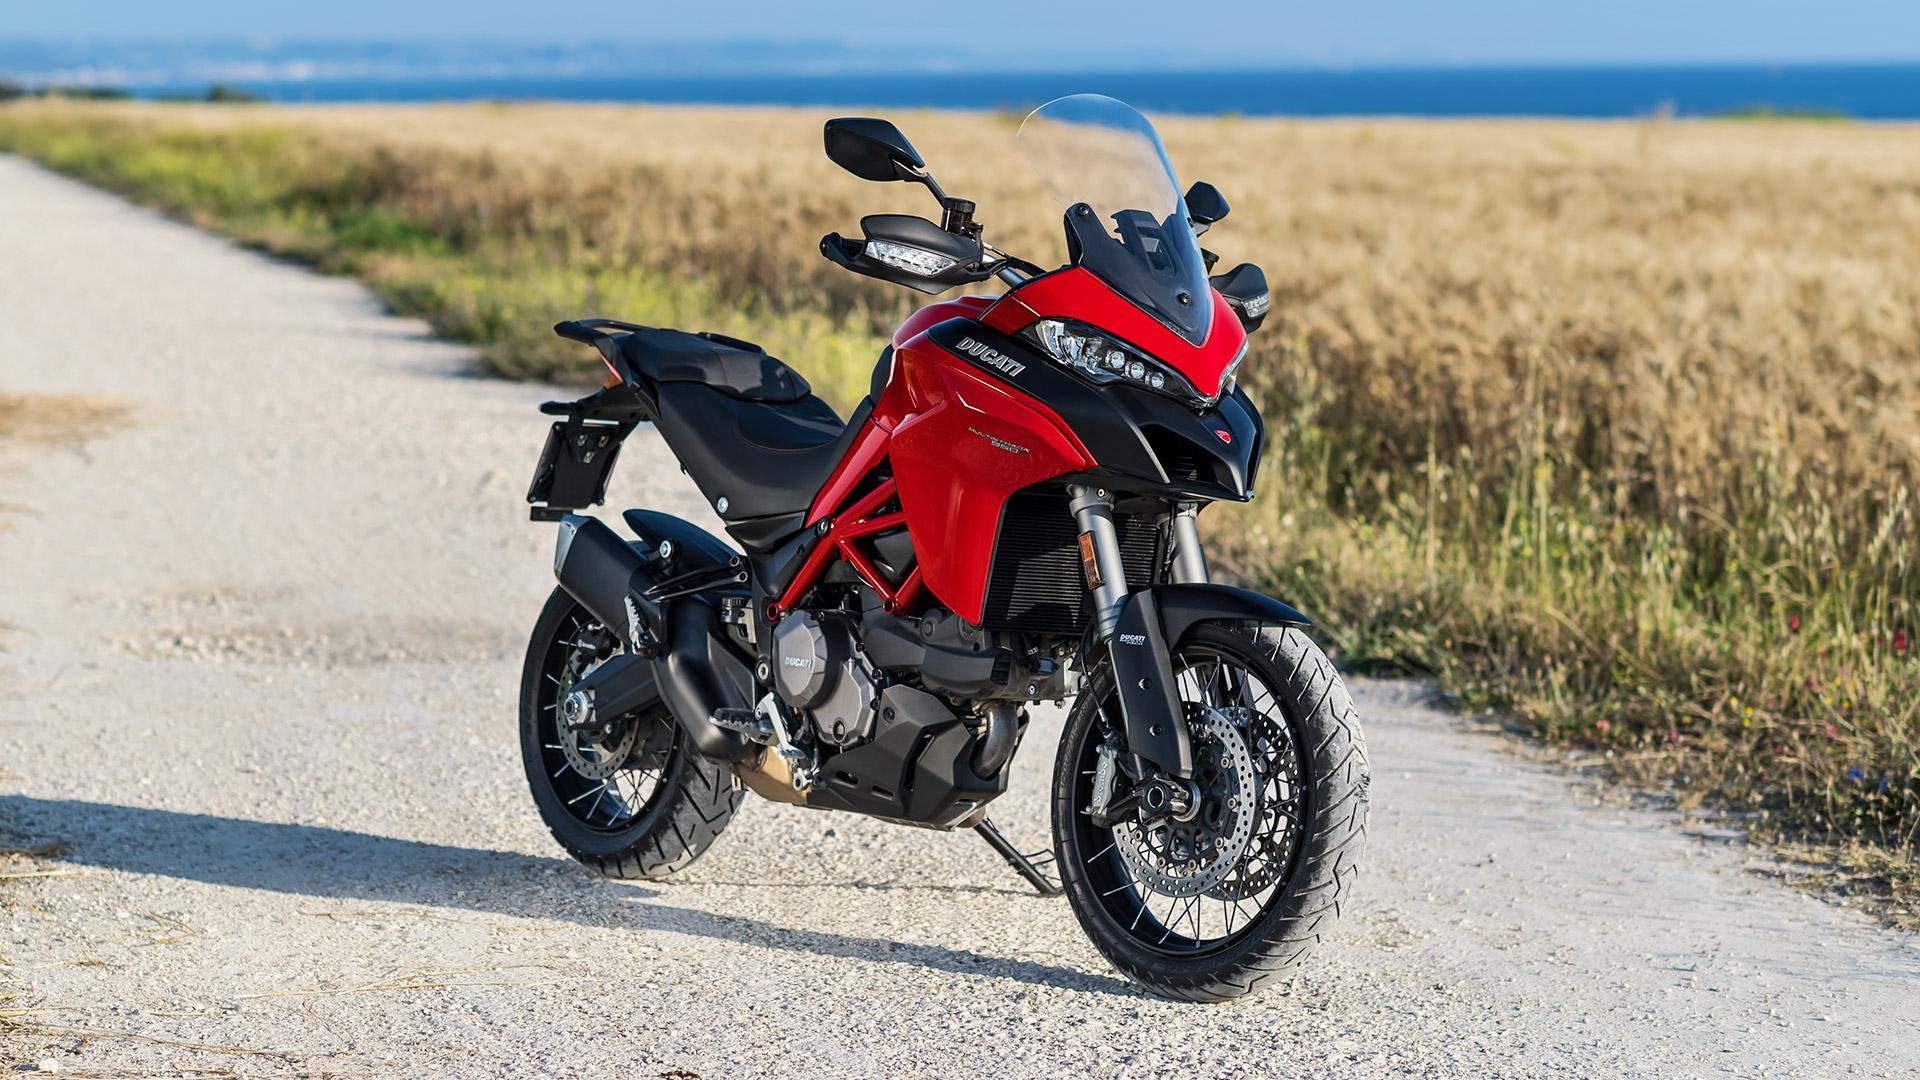 Ducati Multistrada 950S